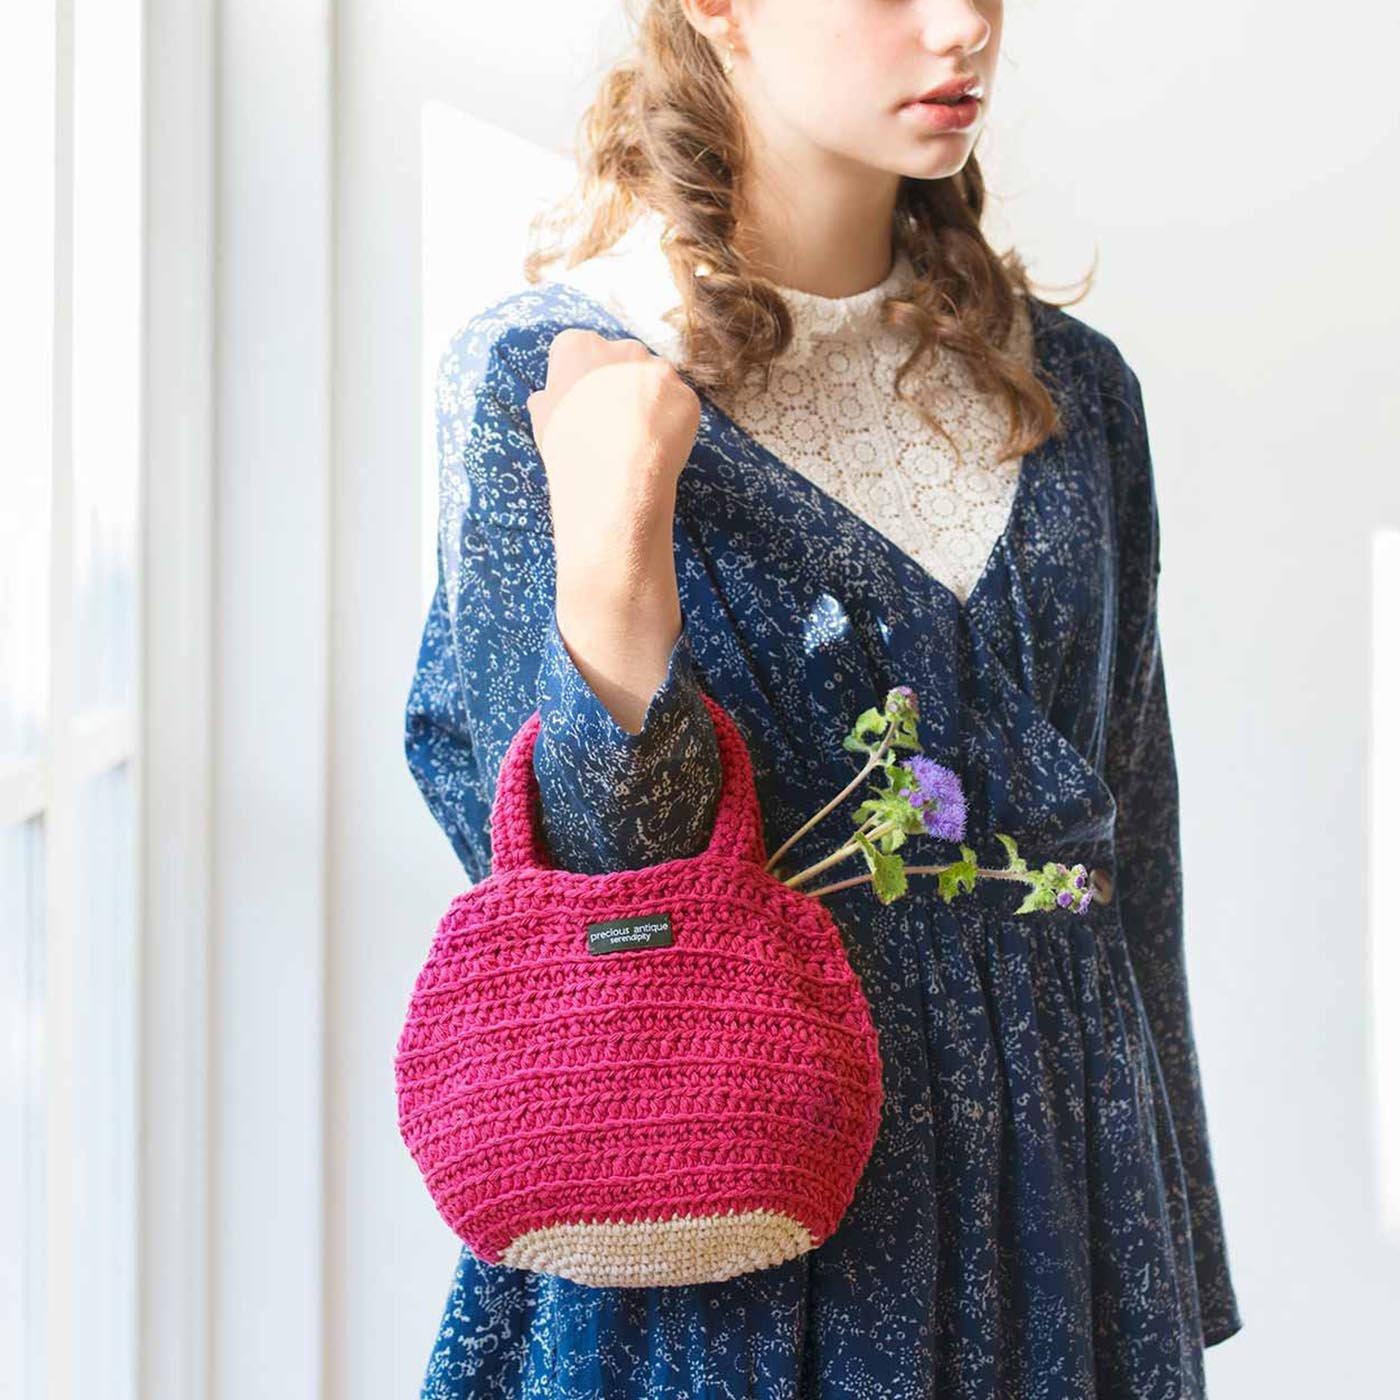 太いコットン糸でざっくり編む お散歩かぎ針ミニバッグ